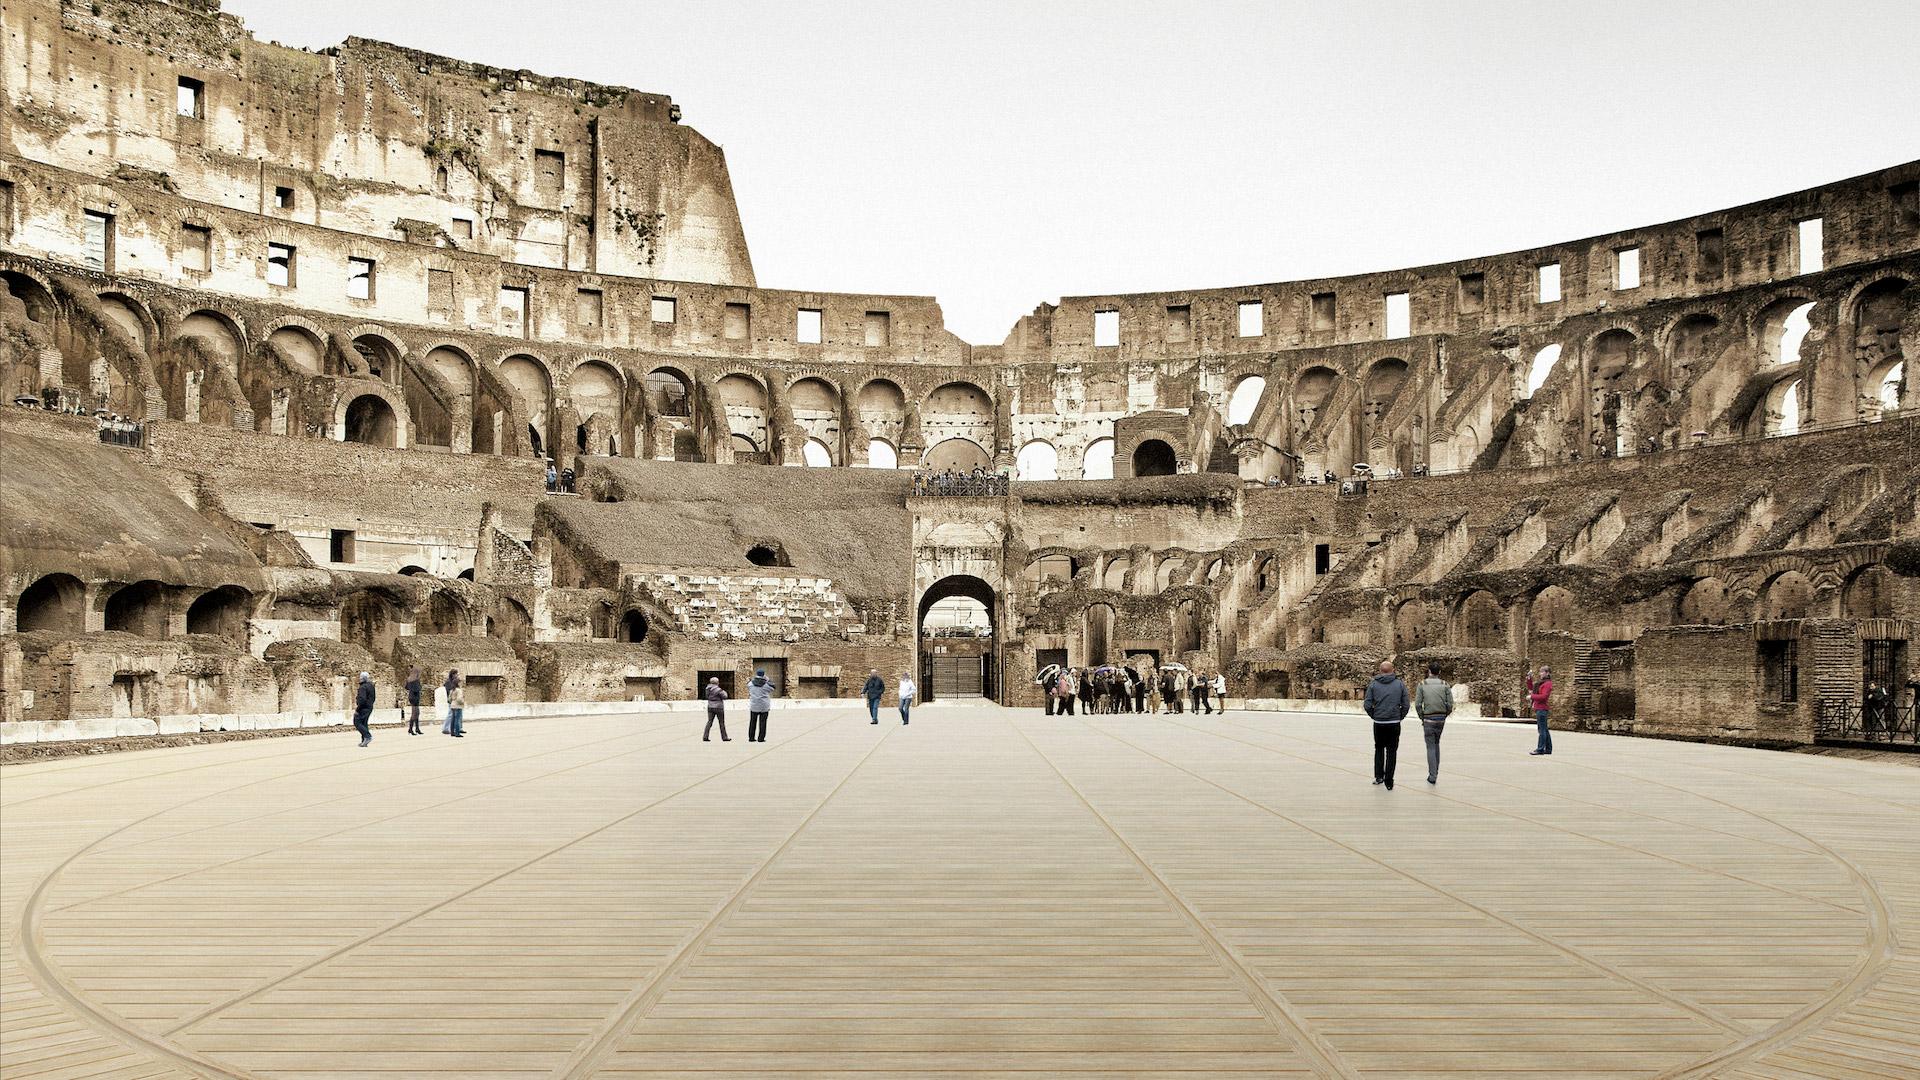 Remodelarán el Coliseo de Roma para tener un suelo móvil: video